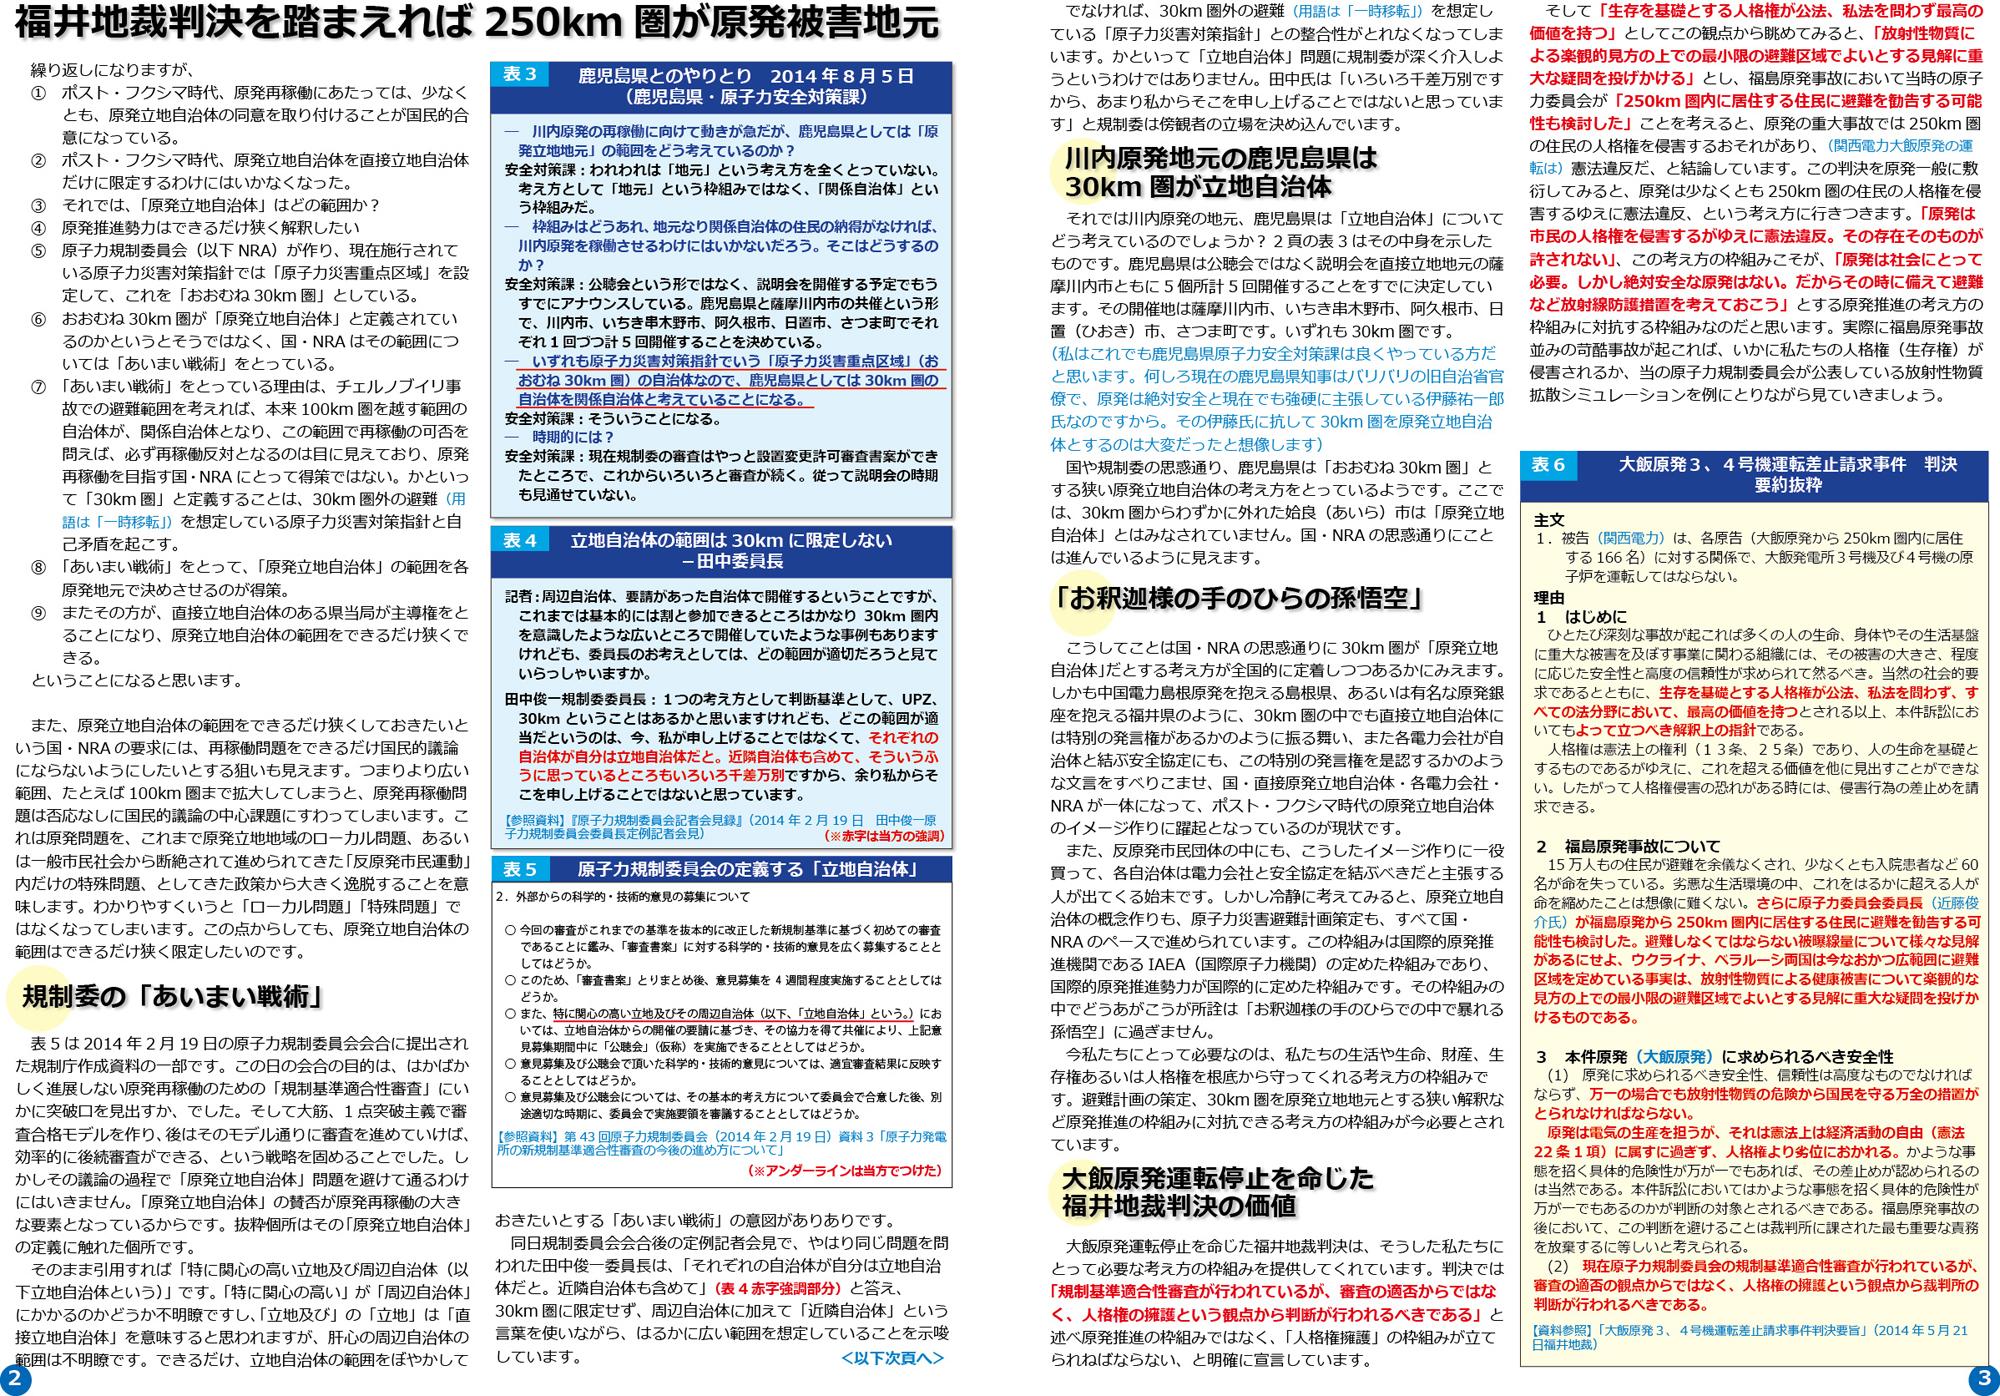 ファイル 318-2.jpg